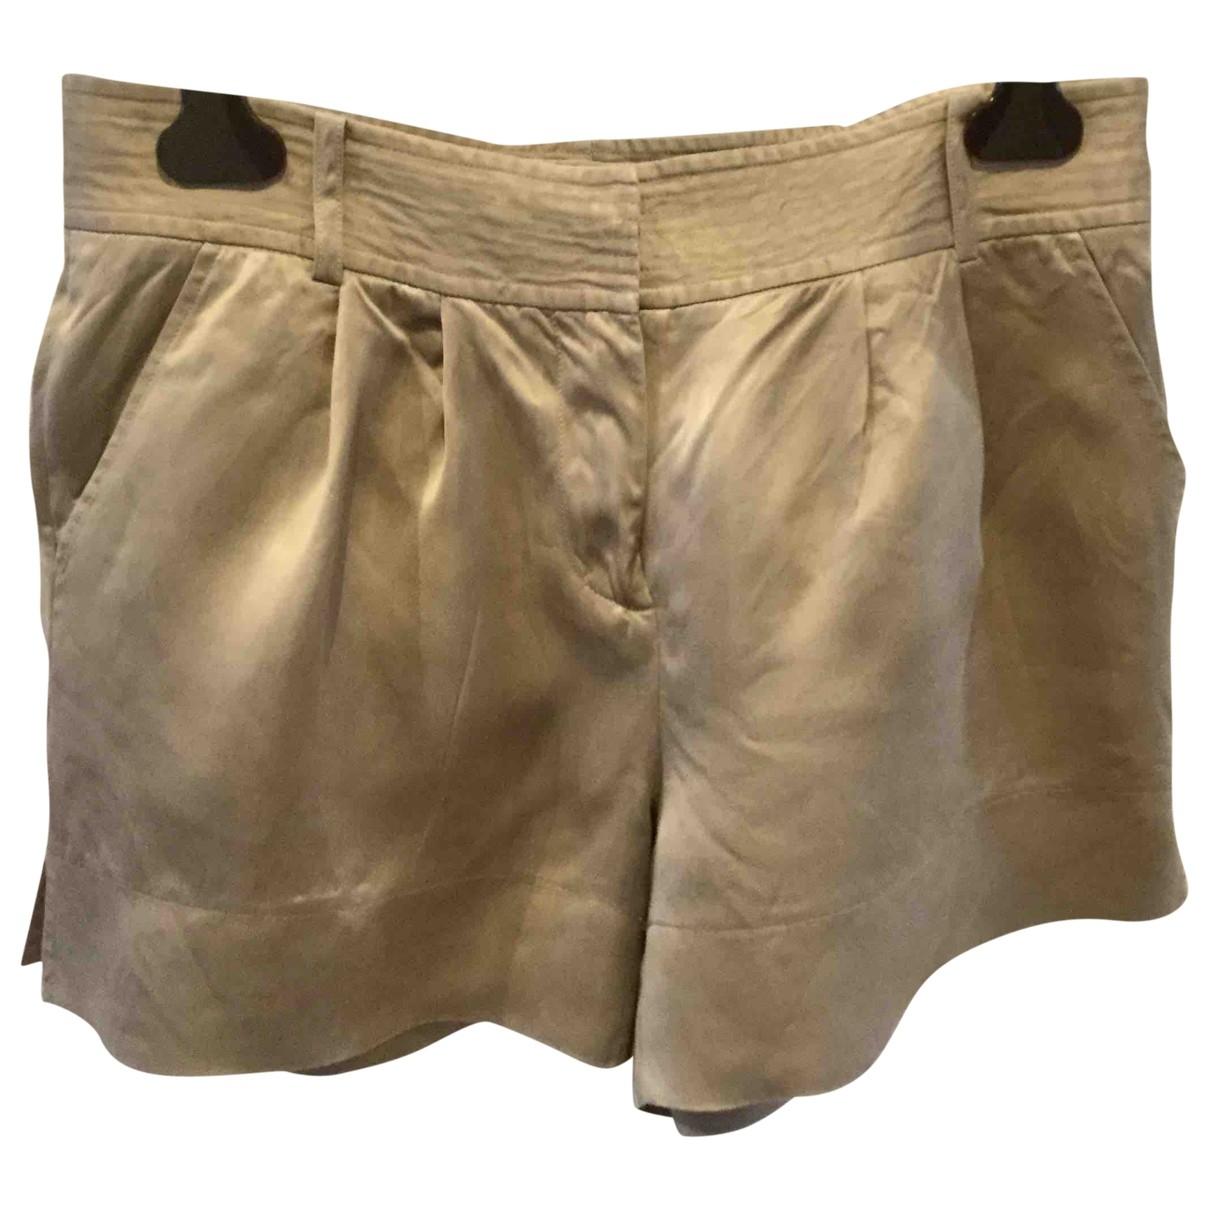 Diane Von Furstenberg \N Shorts in  Ecru Polyester